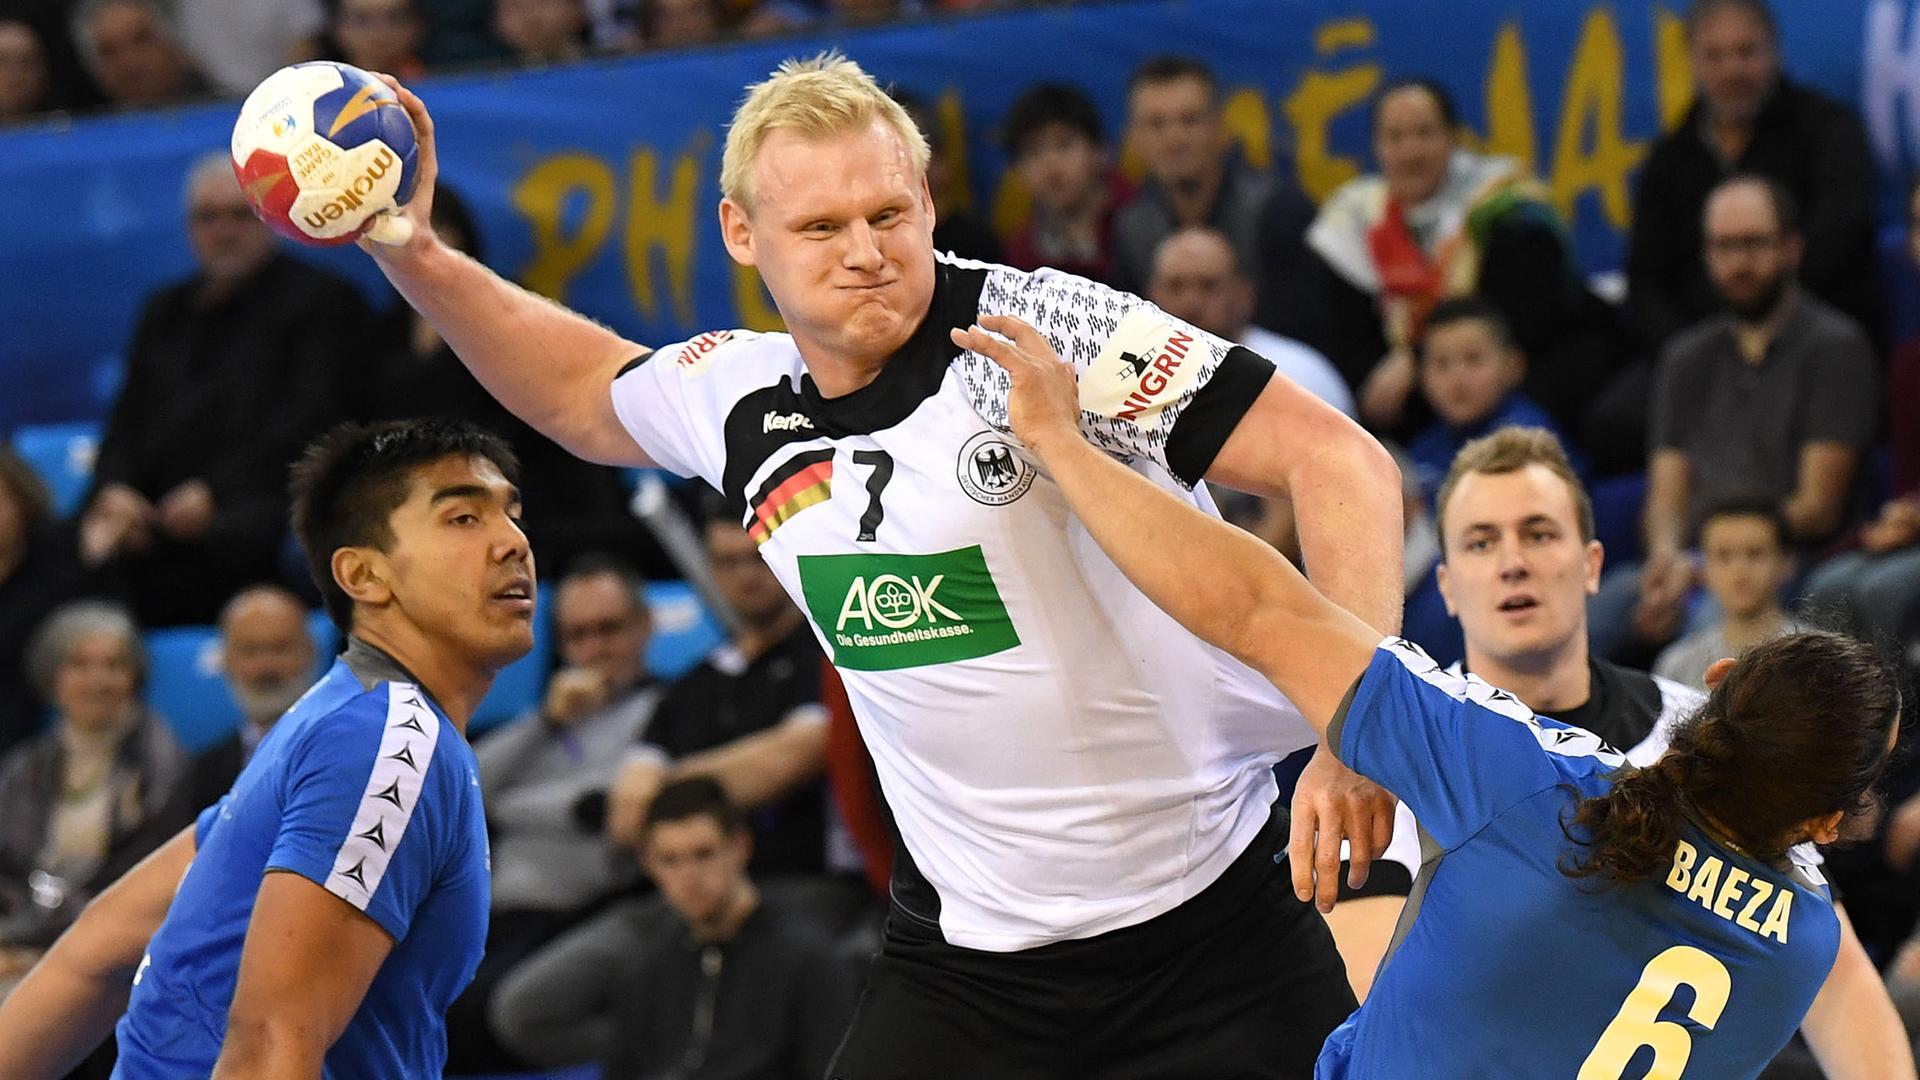 Deutschland Besiegt Chile Bei Handball Wm Zdfmediathek